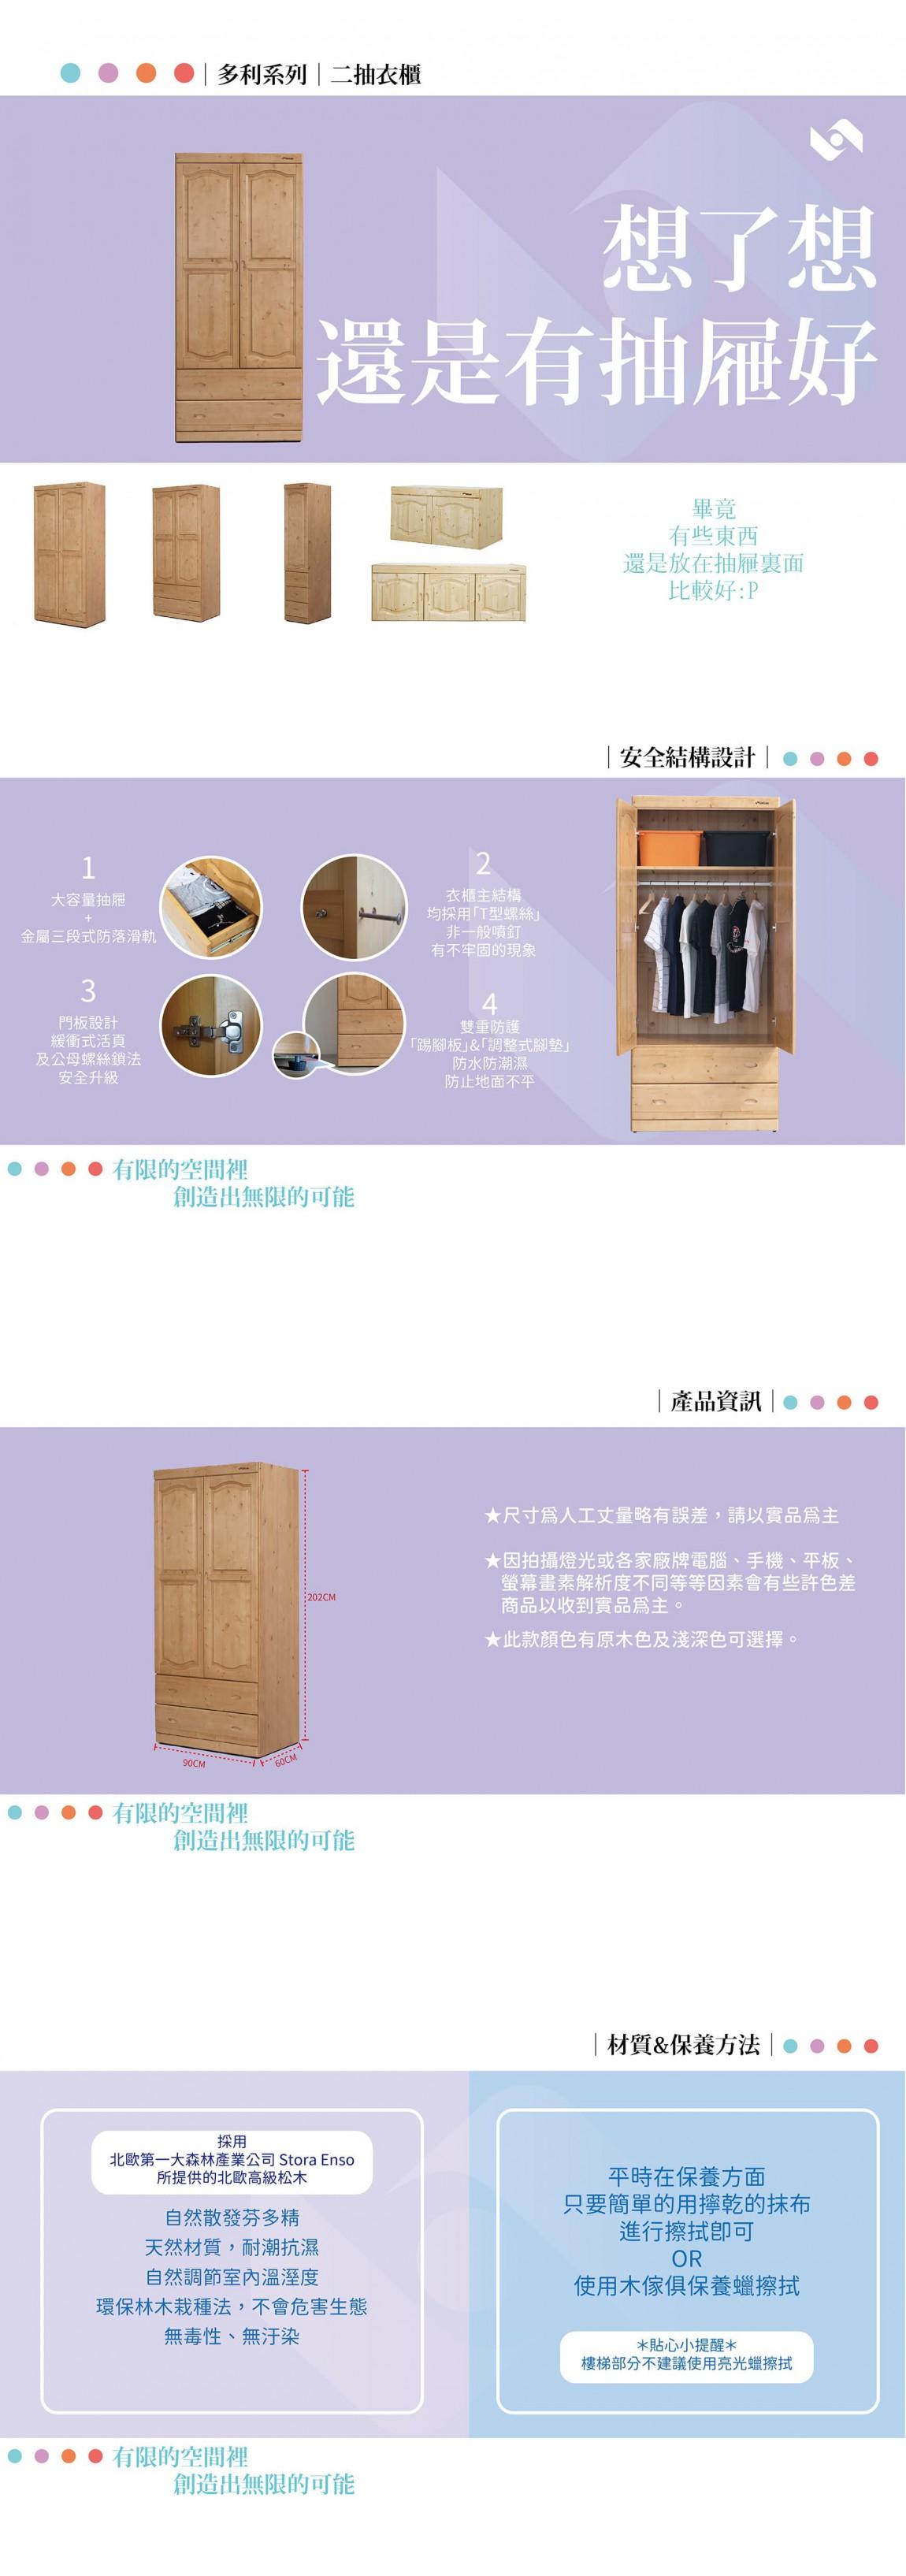 多利二抽衣櫃 商品介紹-min